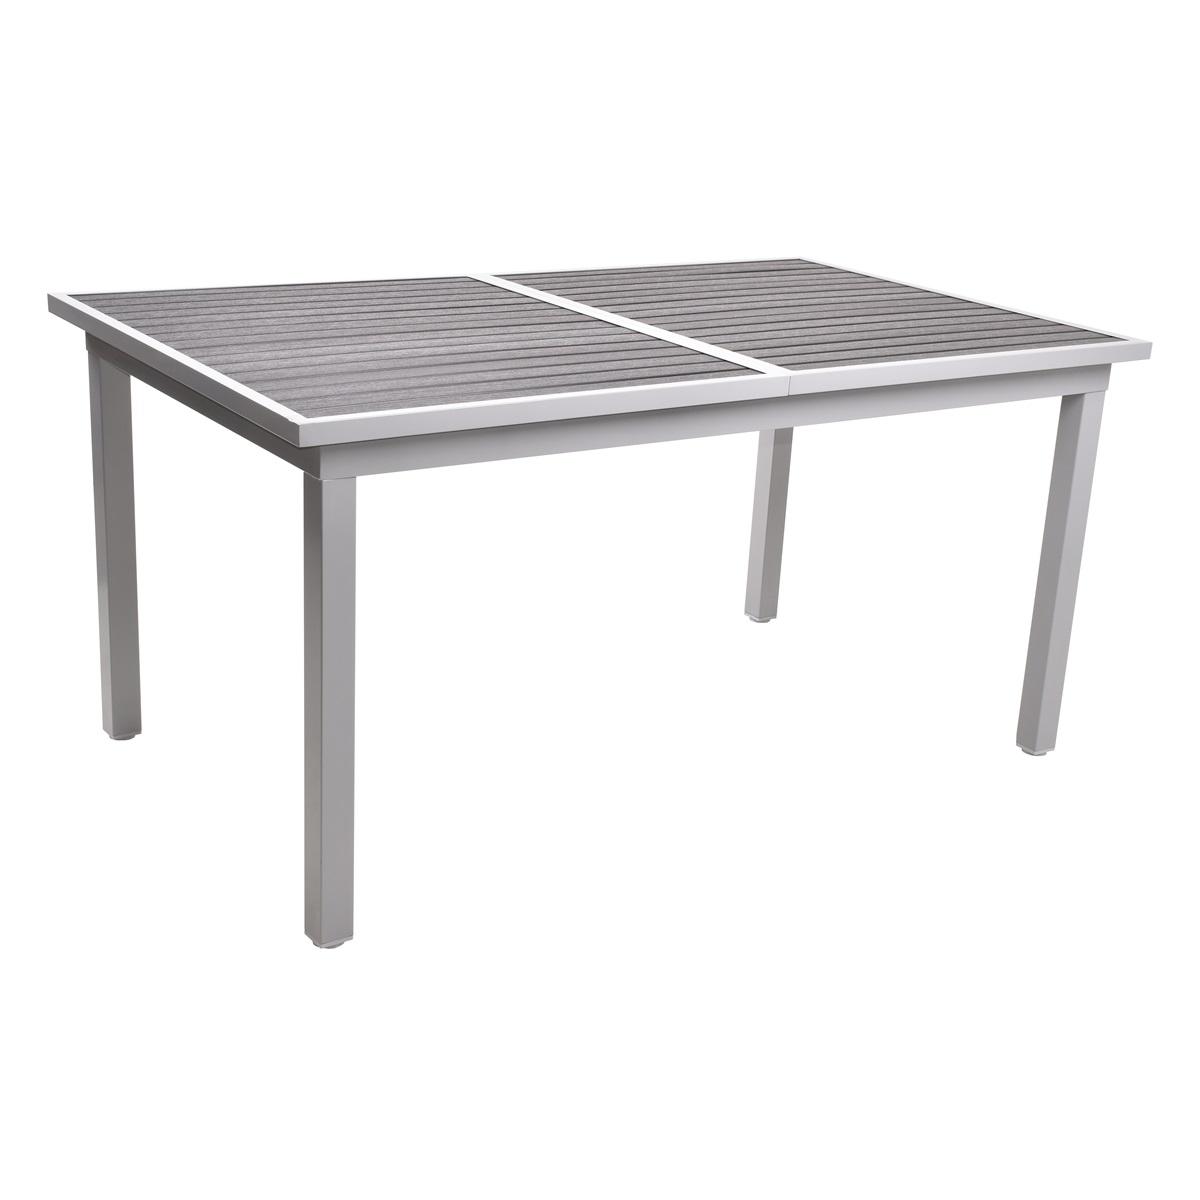 Creador Raphael, hliníkový rozkládací stůl 204 x 90 x 75 cm